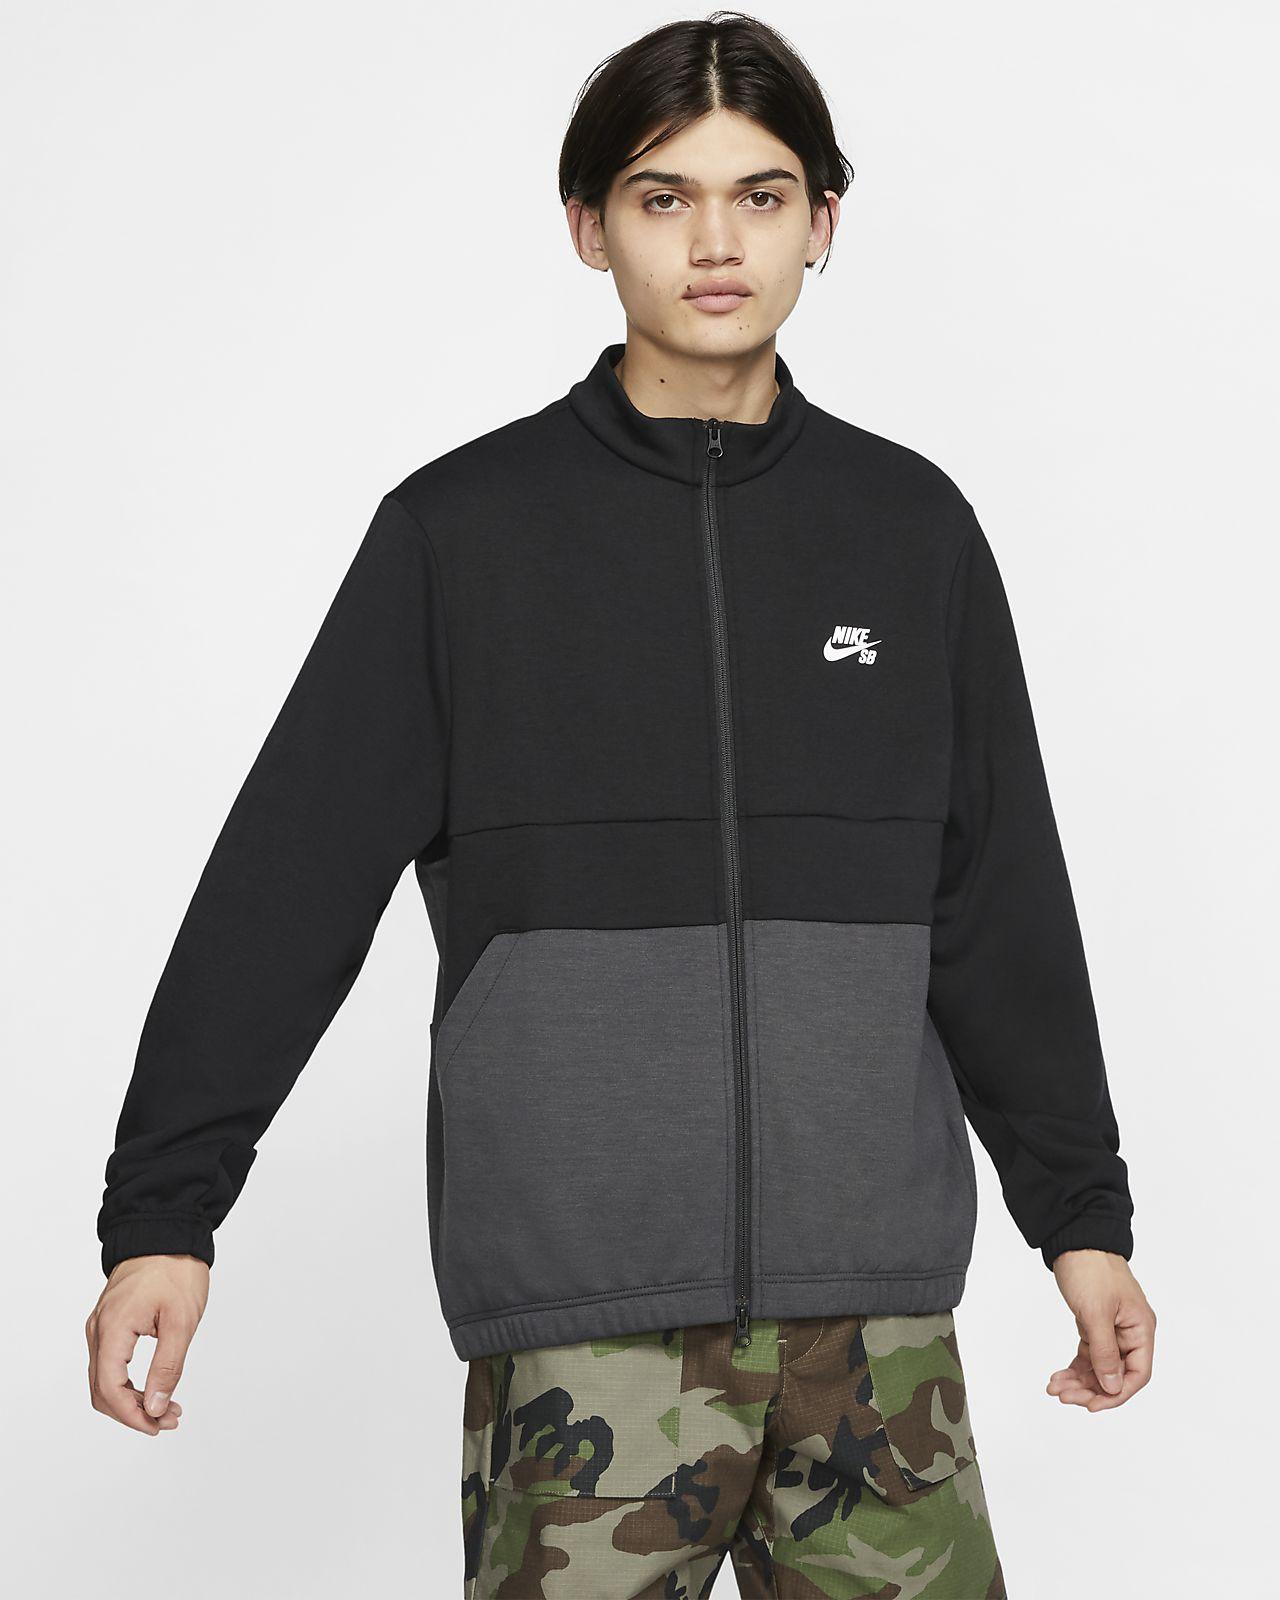 Veste de survêtement de skateboard Nike SB Dri-FIT pour Homme